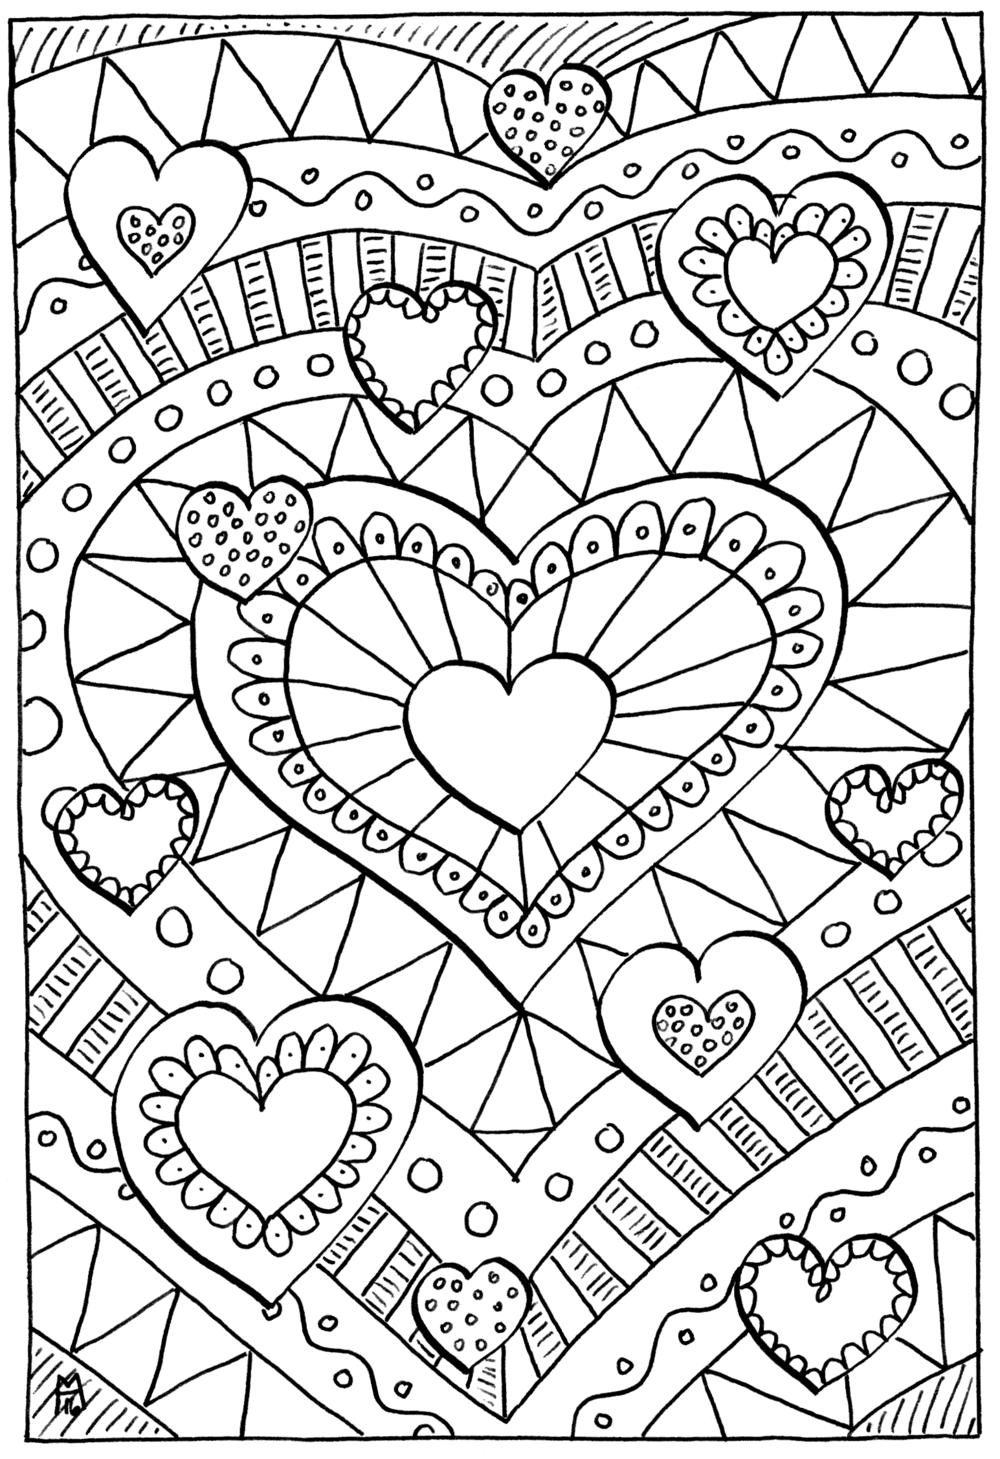 aquaciat free coloring pages - photo#5